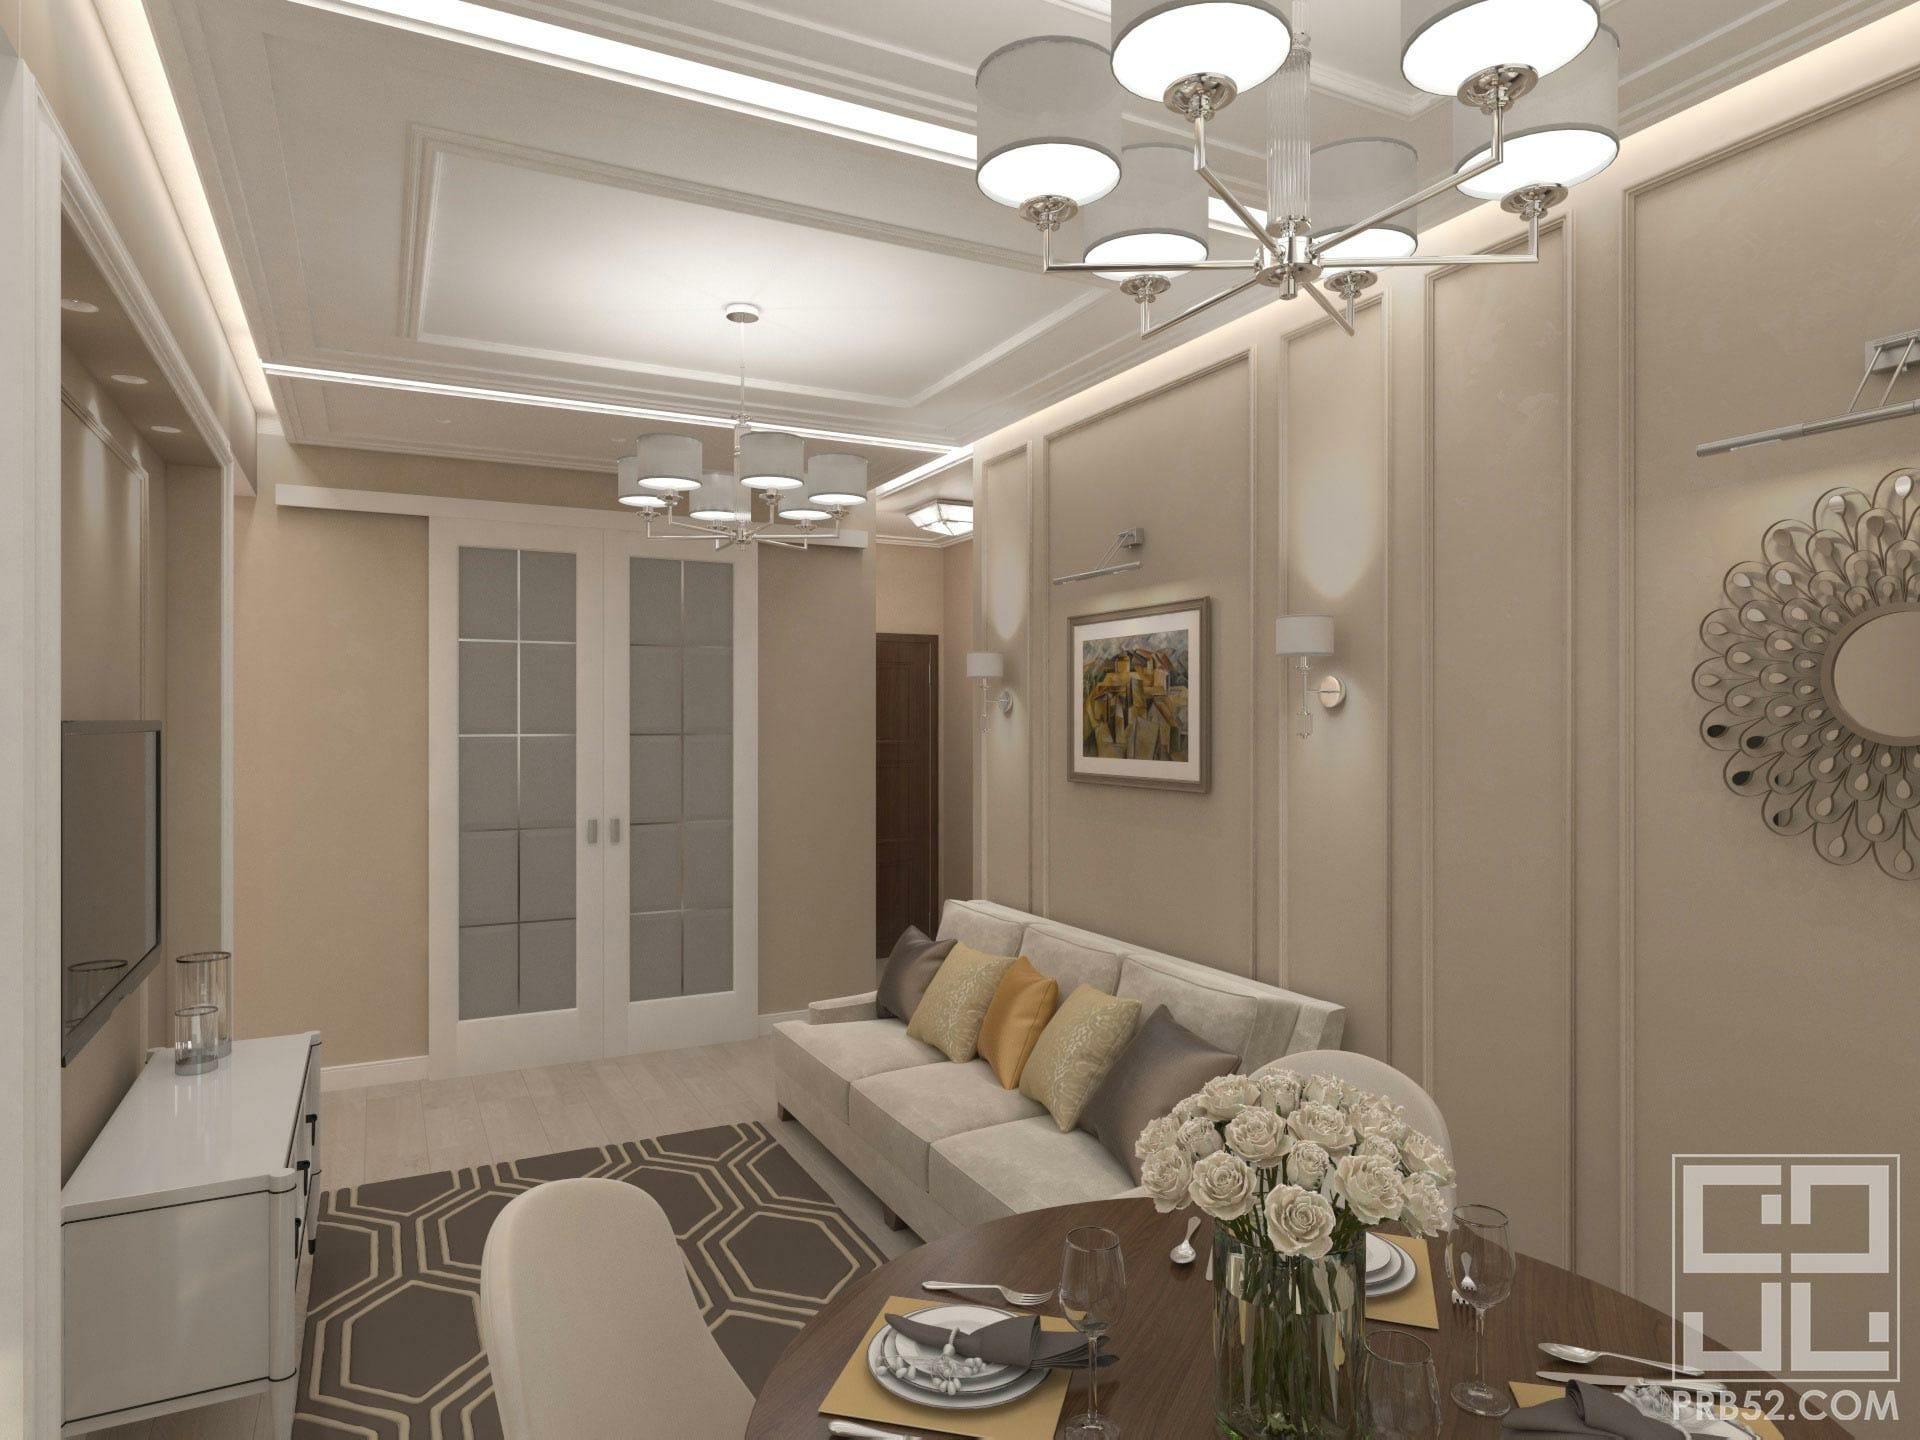 дизайн интерьер гостиной